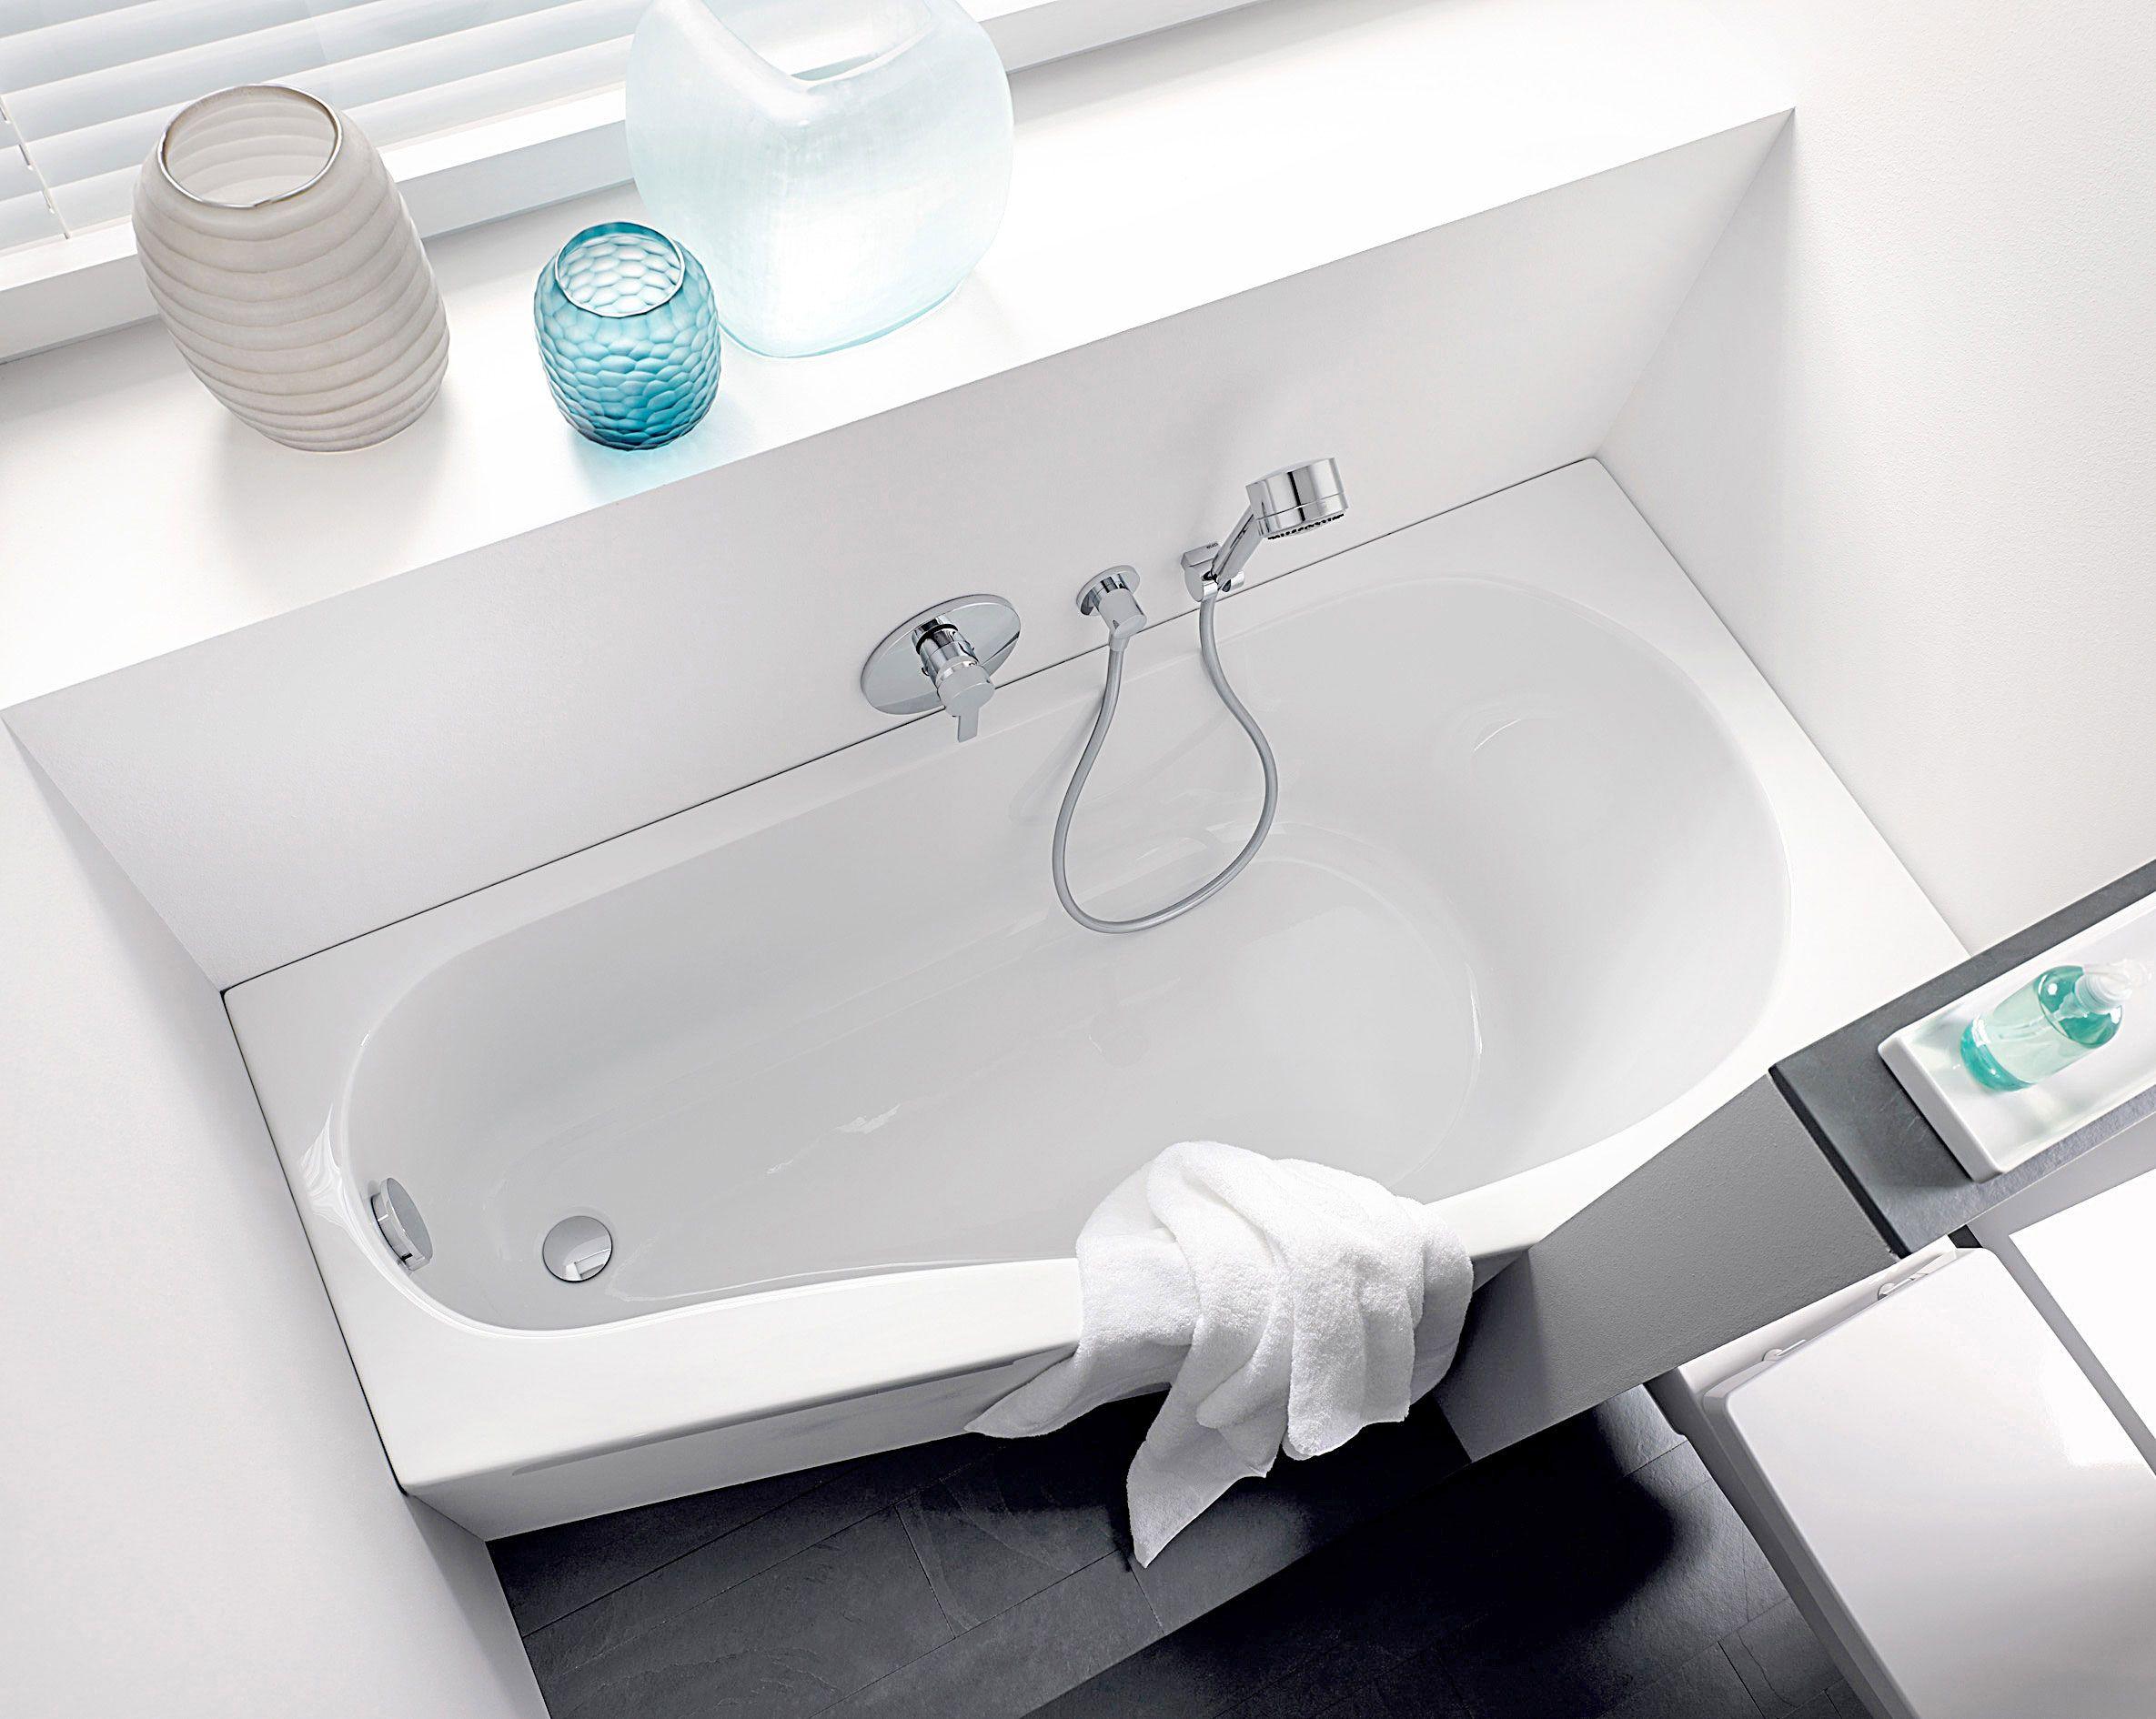 Tipps Zur Badewanne Planung Kauf Einbau Und Pflege Badezimmer Badewanne Badezimmer Grundriss